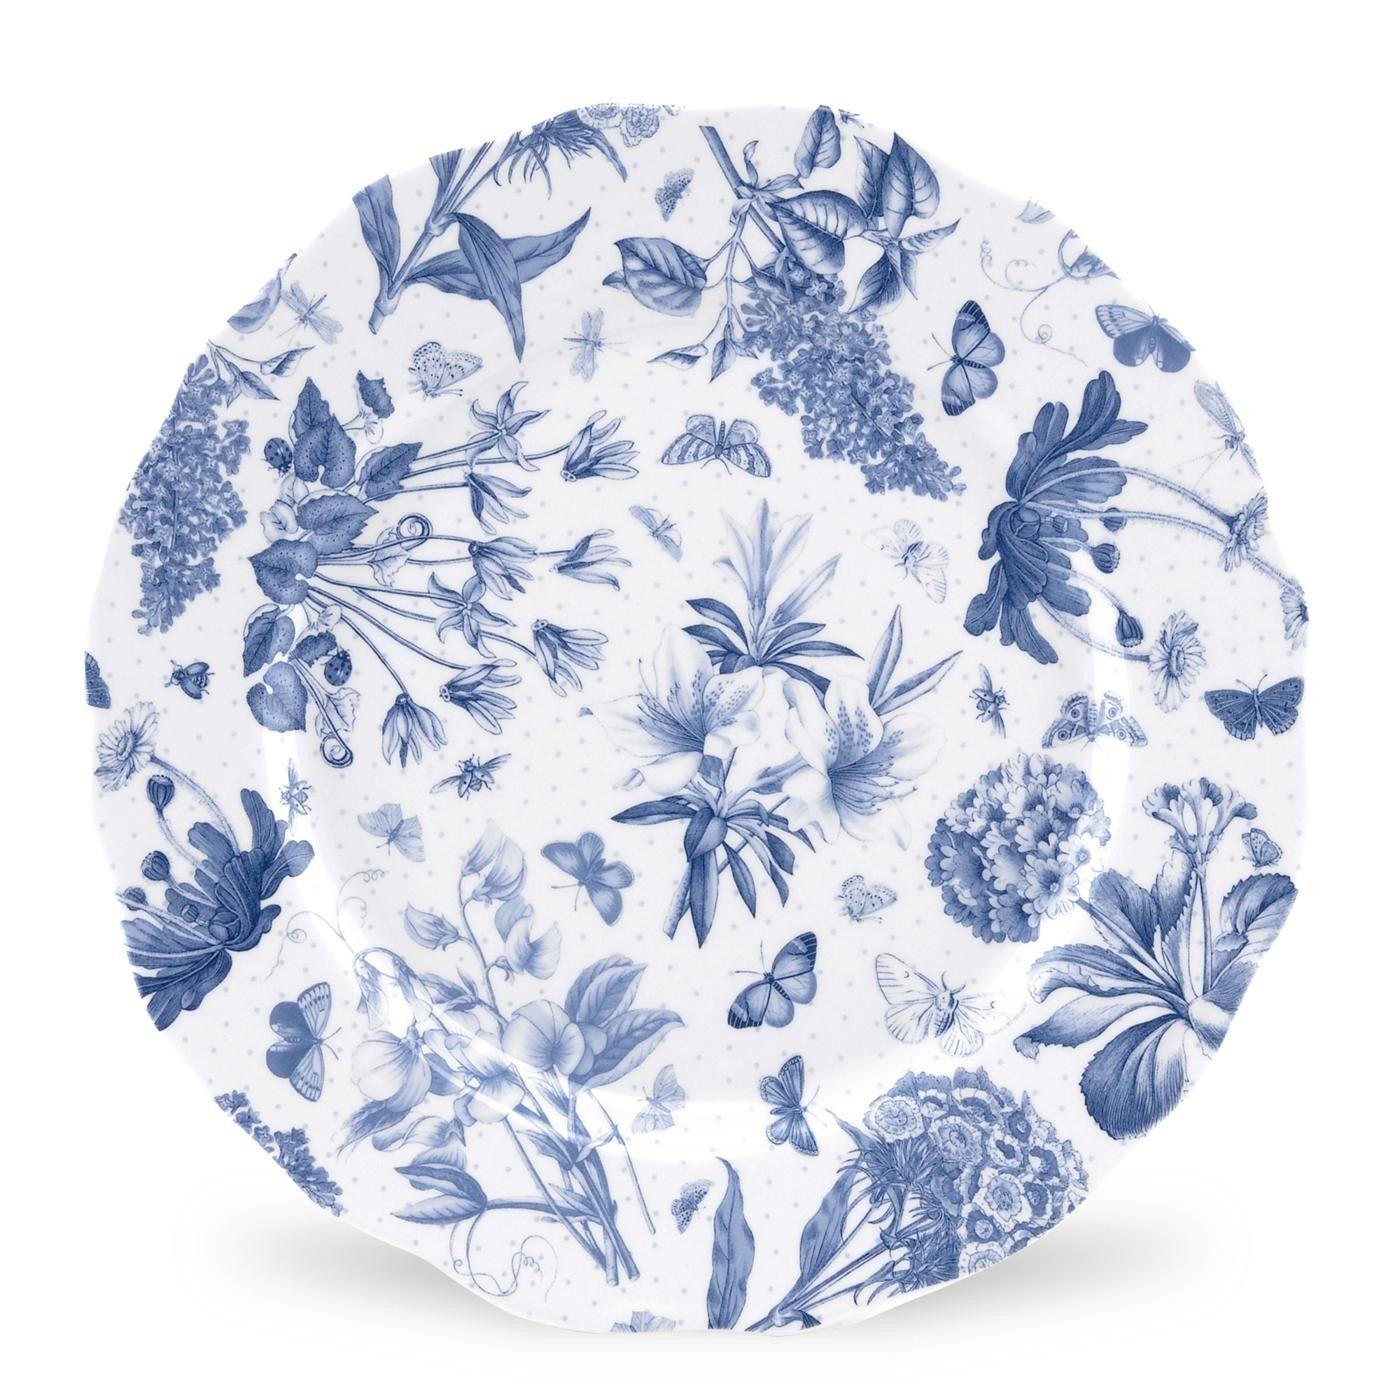 Portmeirion Botanic Blue 10 75 Inch Dinner Plate Set Of 4